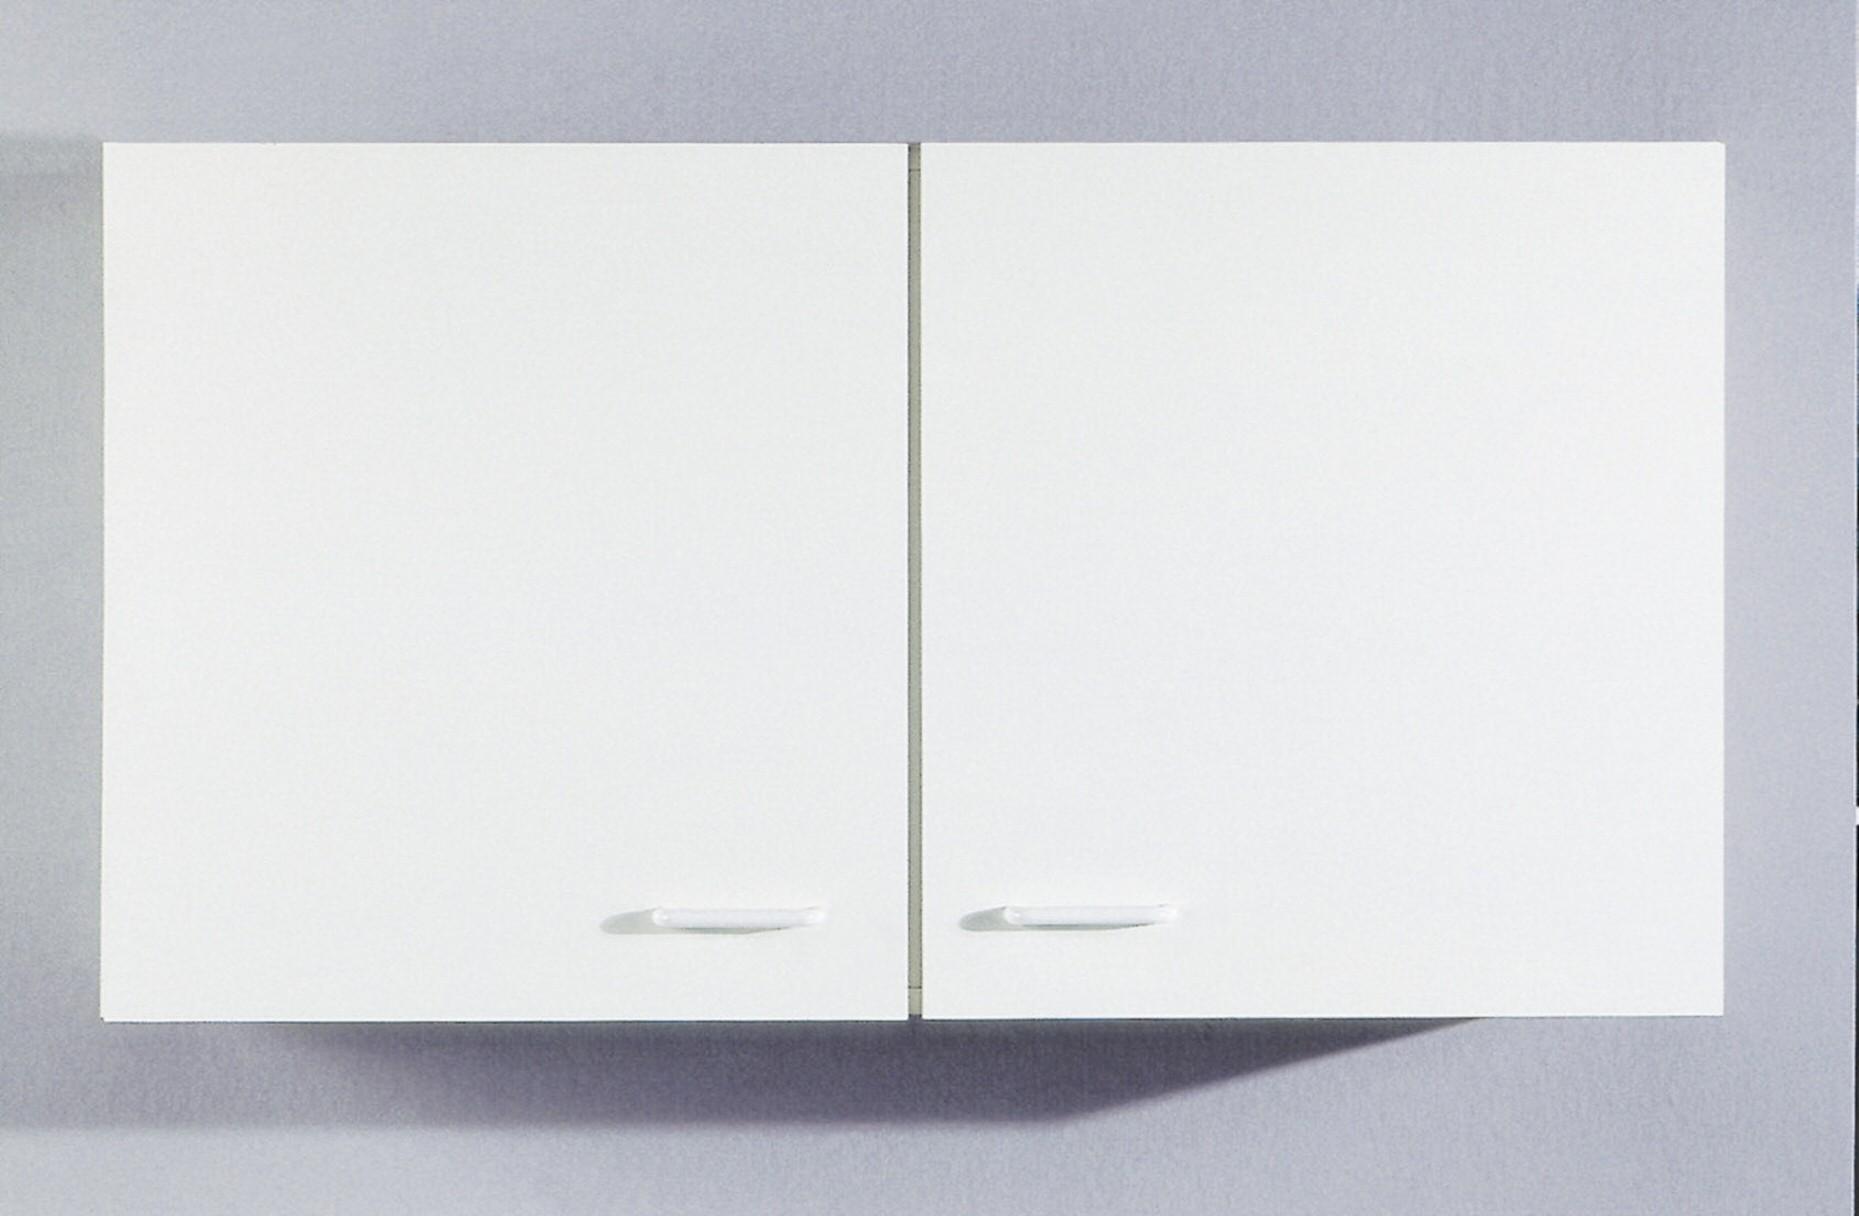 Porte pour meuble cuisine maison et mobilier d 39 int rieur for Porte meuble cuisine pas cher